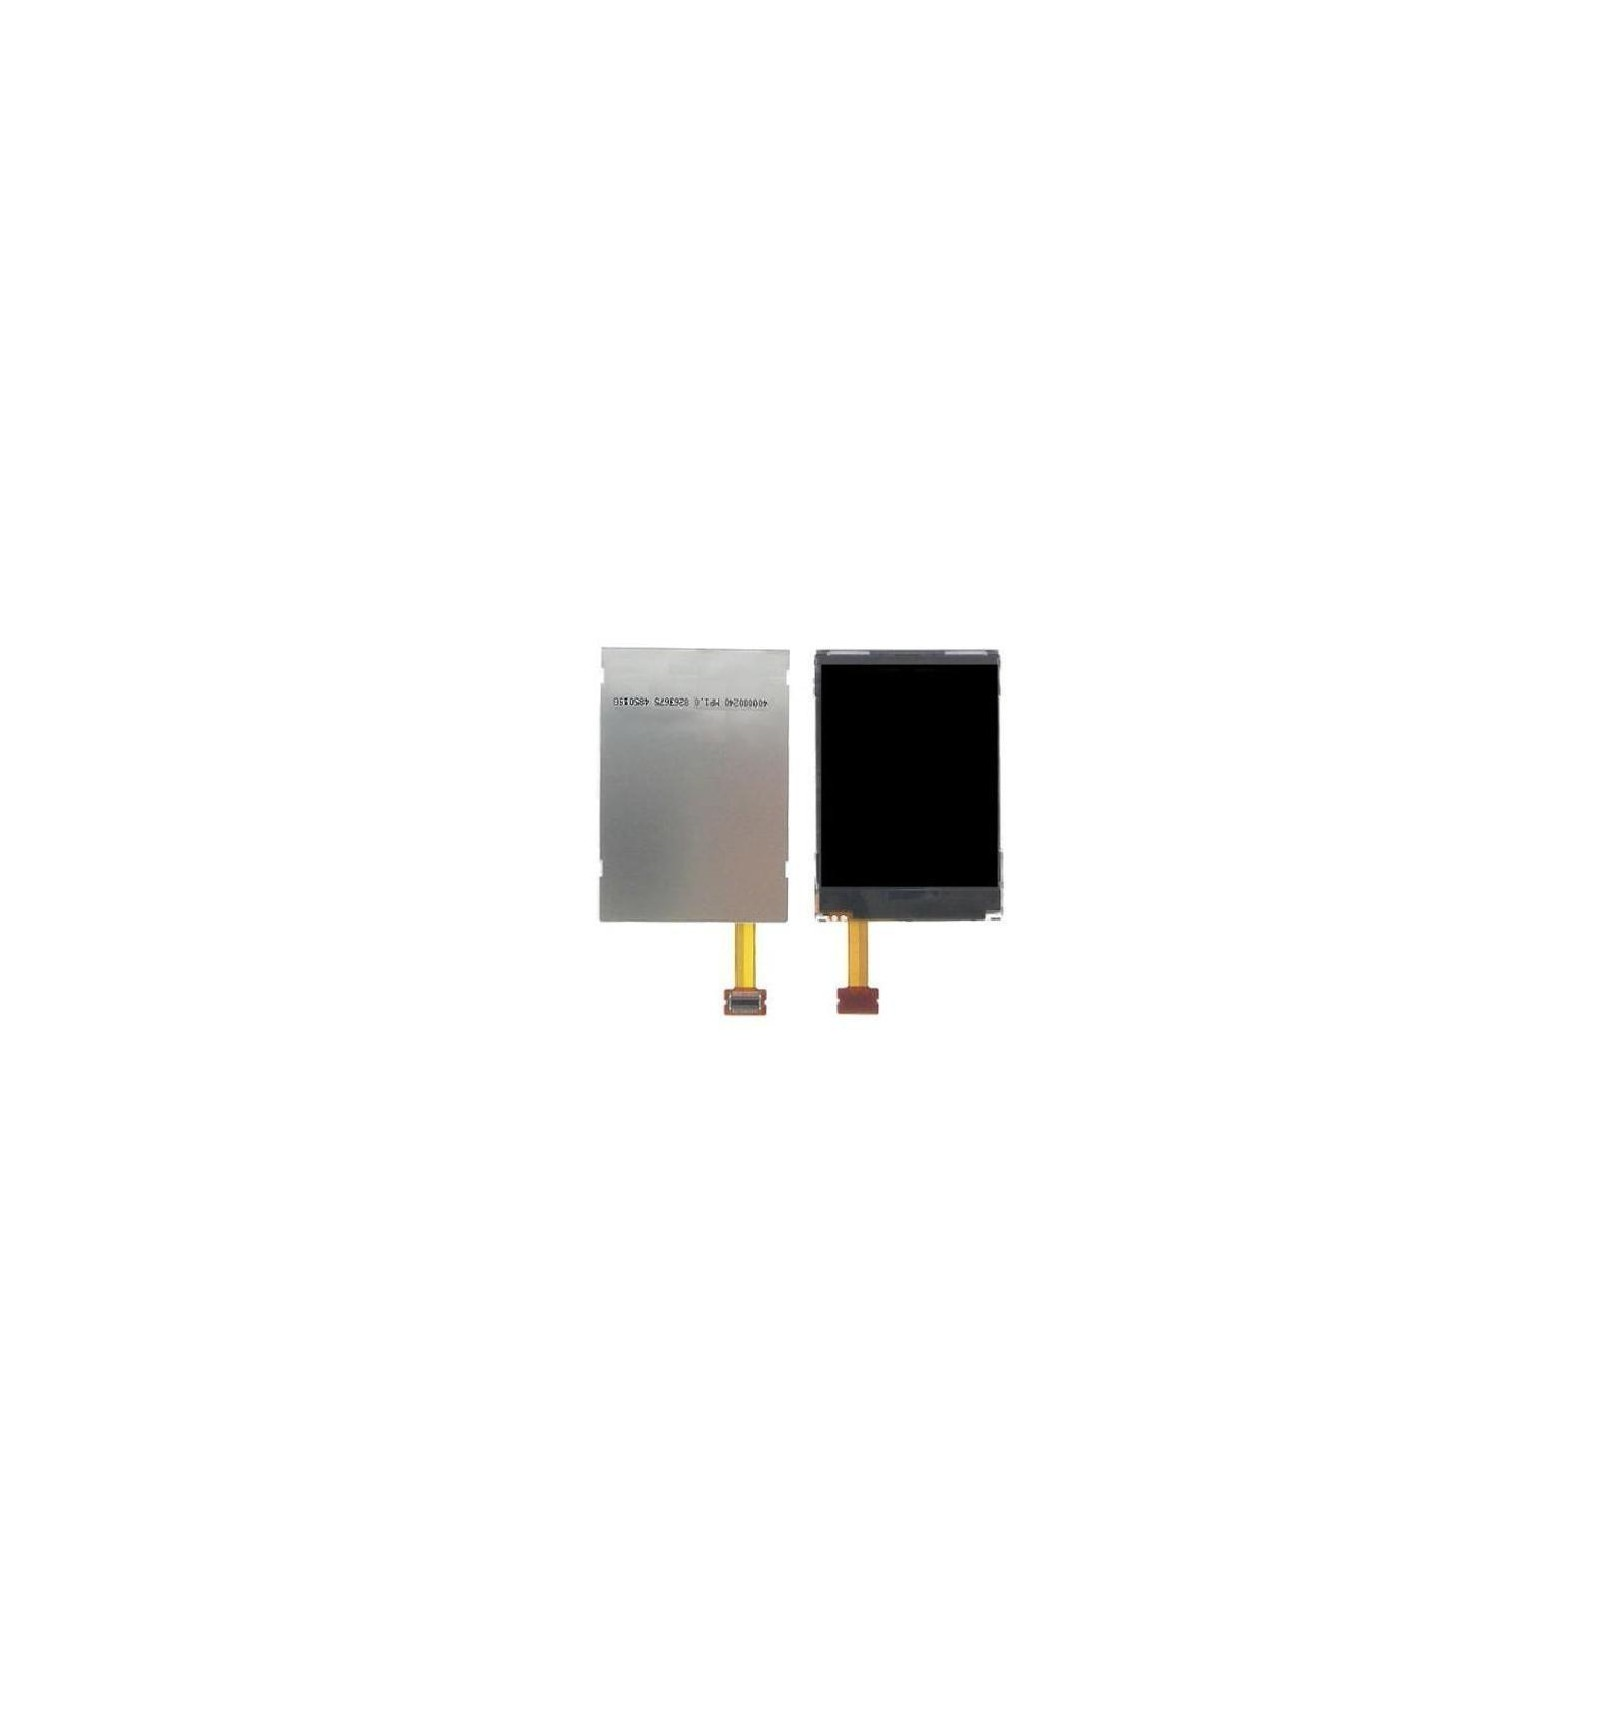 Daftar Harga Nokia N5000 Termurah 2018 Kaos Kaki Marel Socks Men Sock Mc1p 16 Ms008 Black 5130 2700c 2730 5220 3610f 7100s 721 Display Lcd